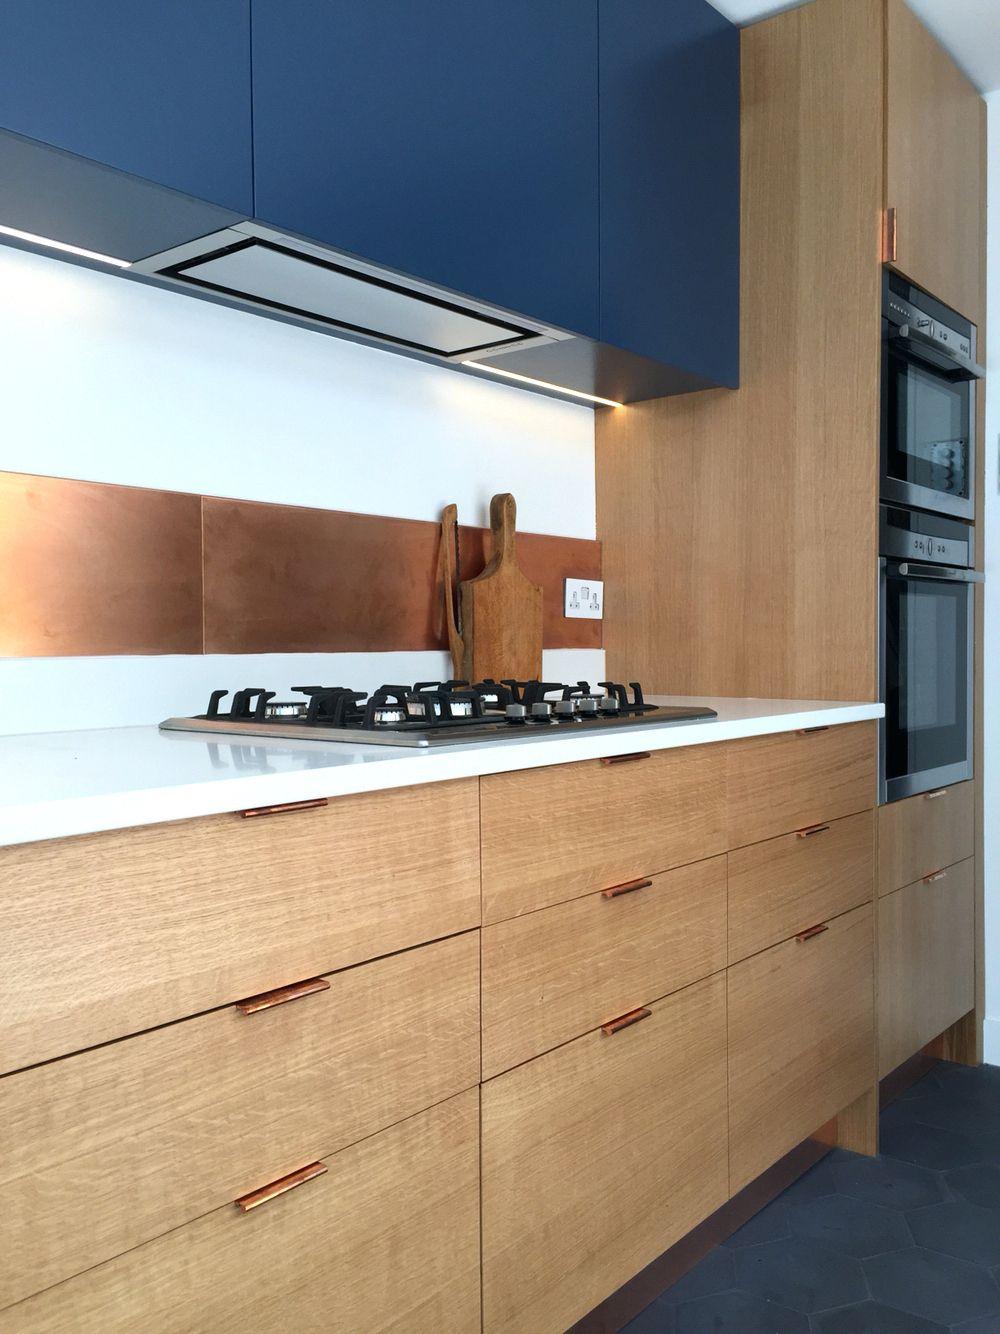 Pull Cabinet Hardware Es Gibt So Viele Verschiedene Arten Und Stile Von Cabinet Hardware Gibt Kitchen Door Handles Kitchen Inspiration Design Kitchen Handles